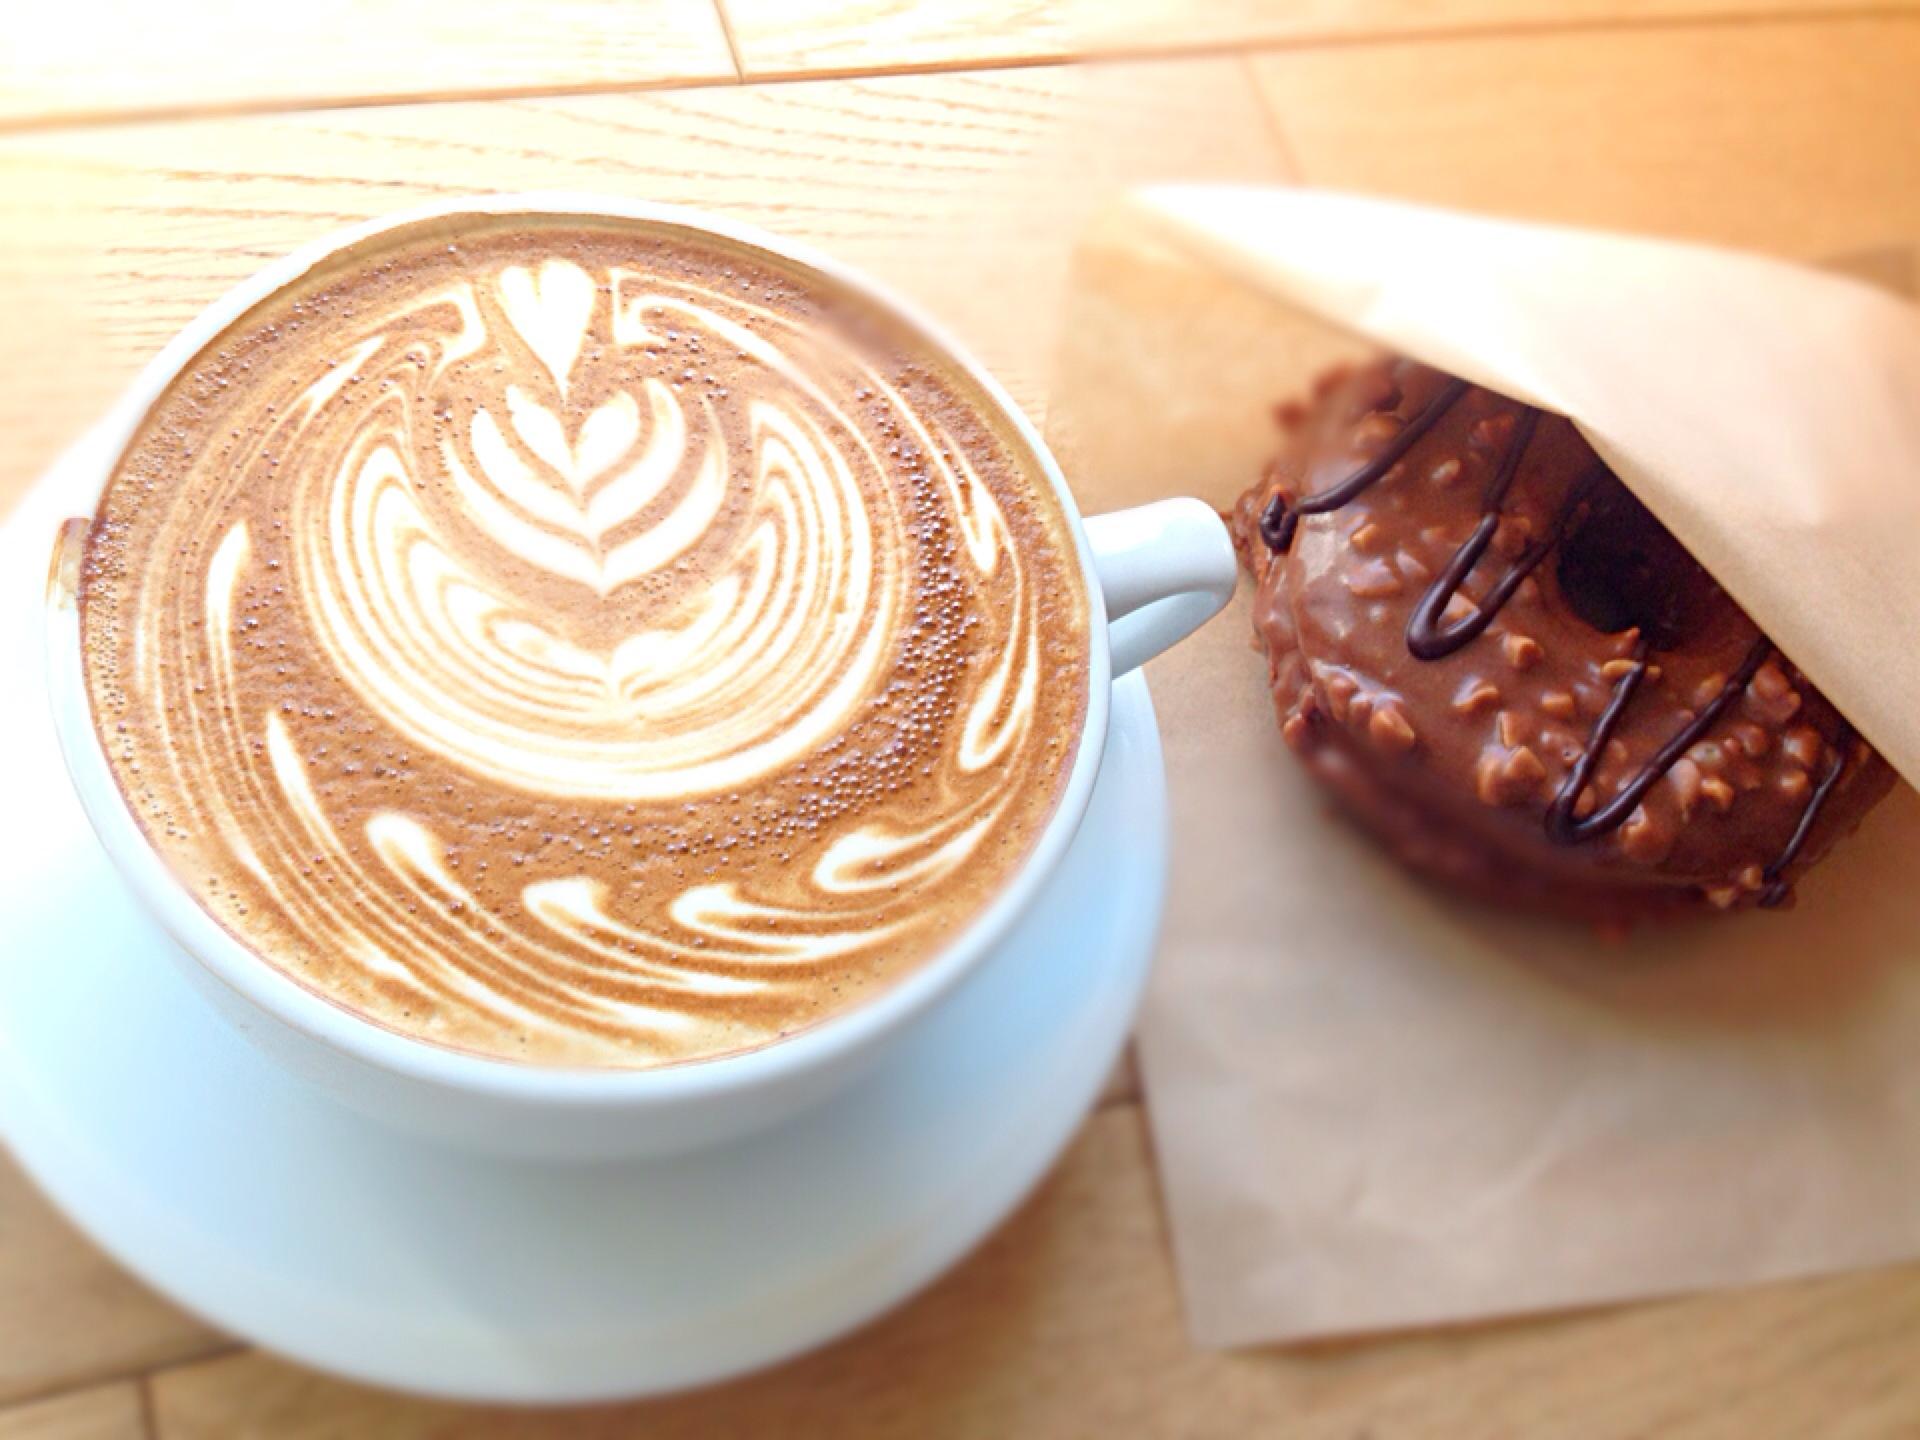 おしゃれ女子の新定番!渋谷「ストリーマーコーヒーカンパニー」のラテに夢中♩